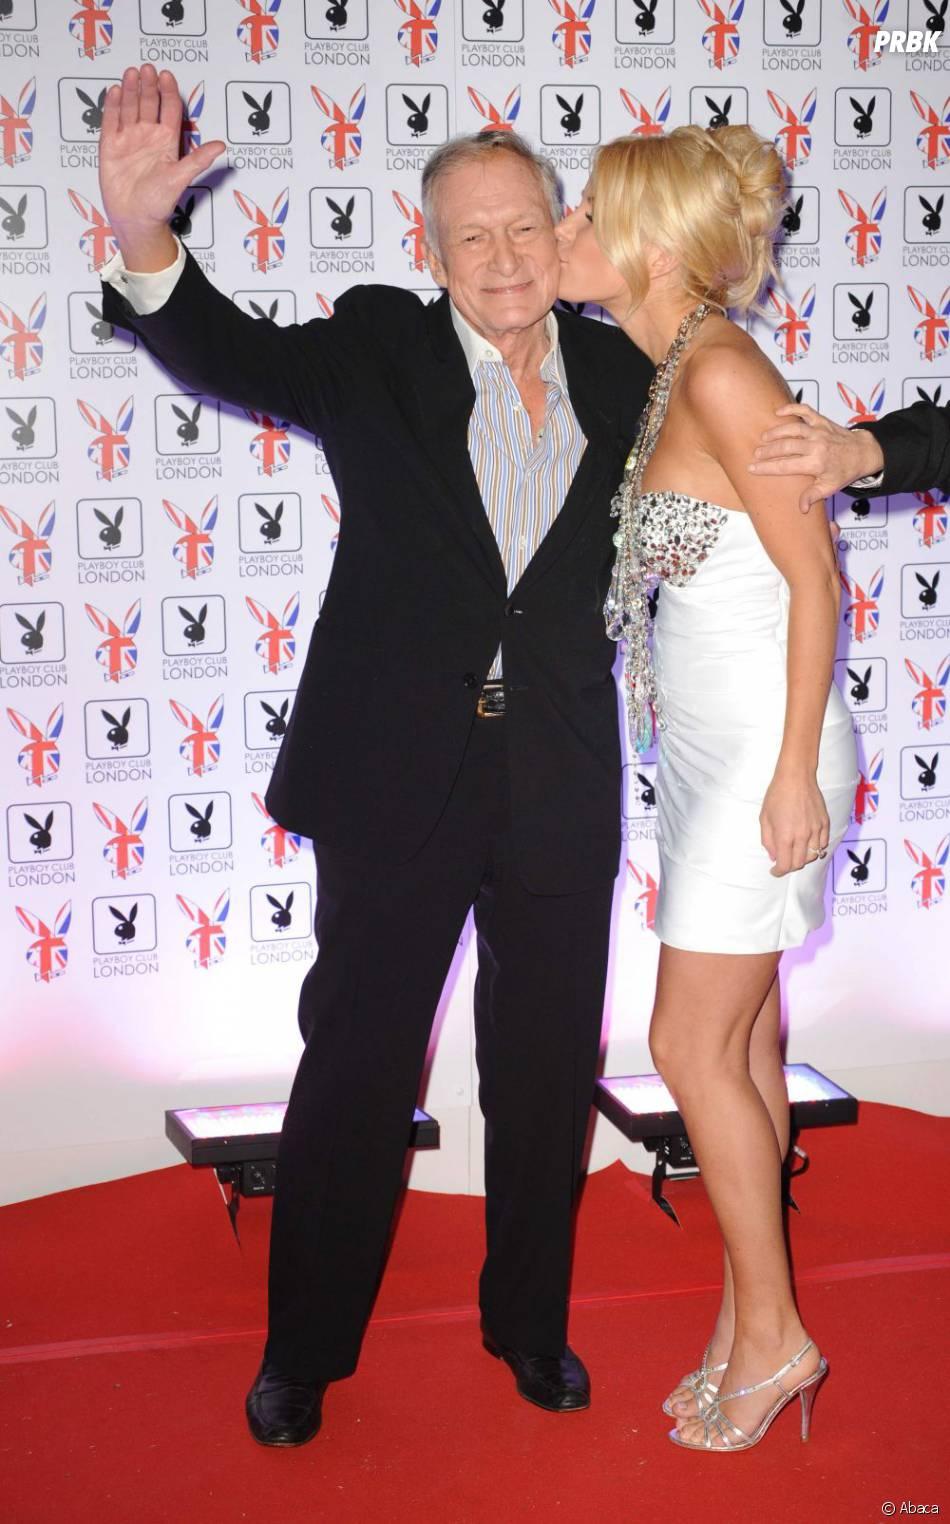 Hugh Hefner assure avoir toujours été fidèle à ses femmes